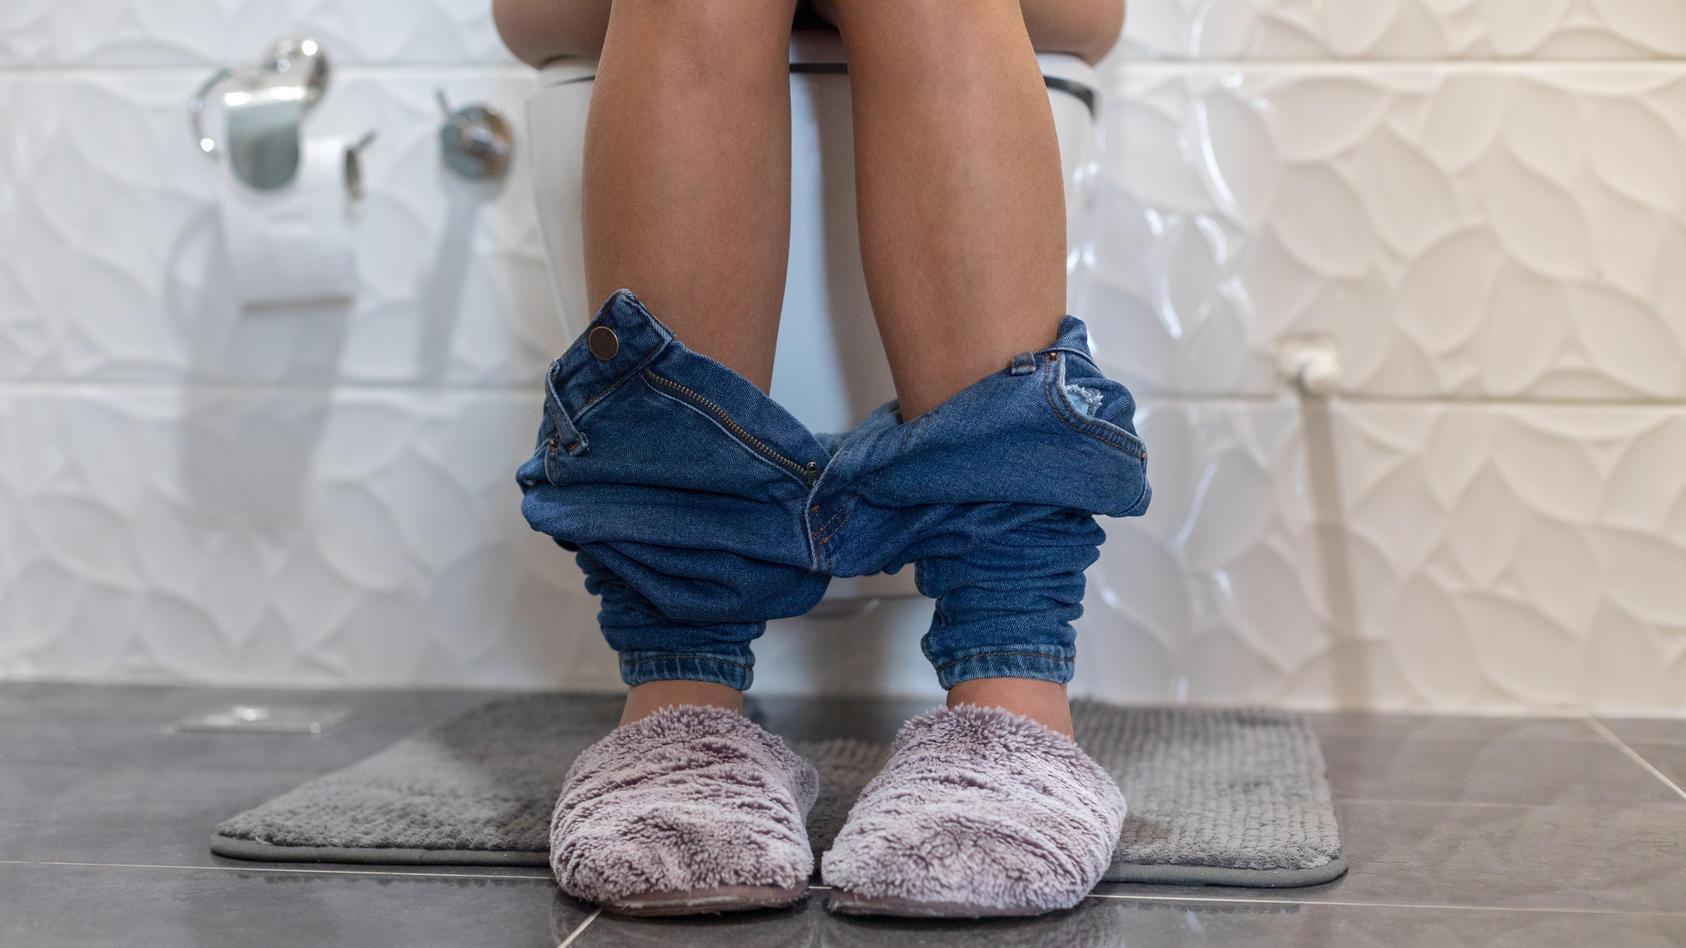 Auch im Homeoffice sollte man die Toilette nicht häufiger aufsuchen, als dringend nötig.